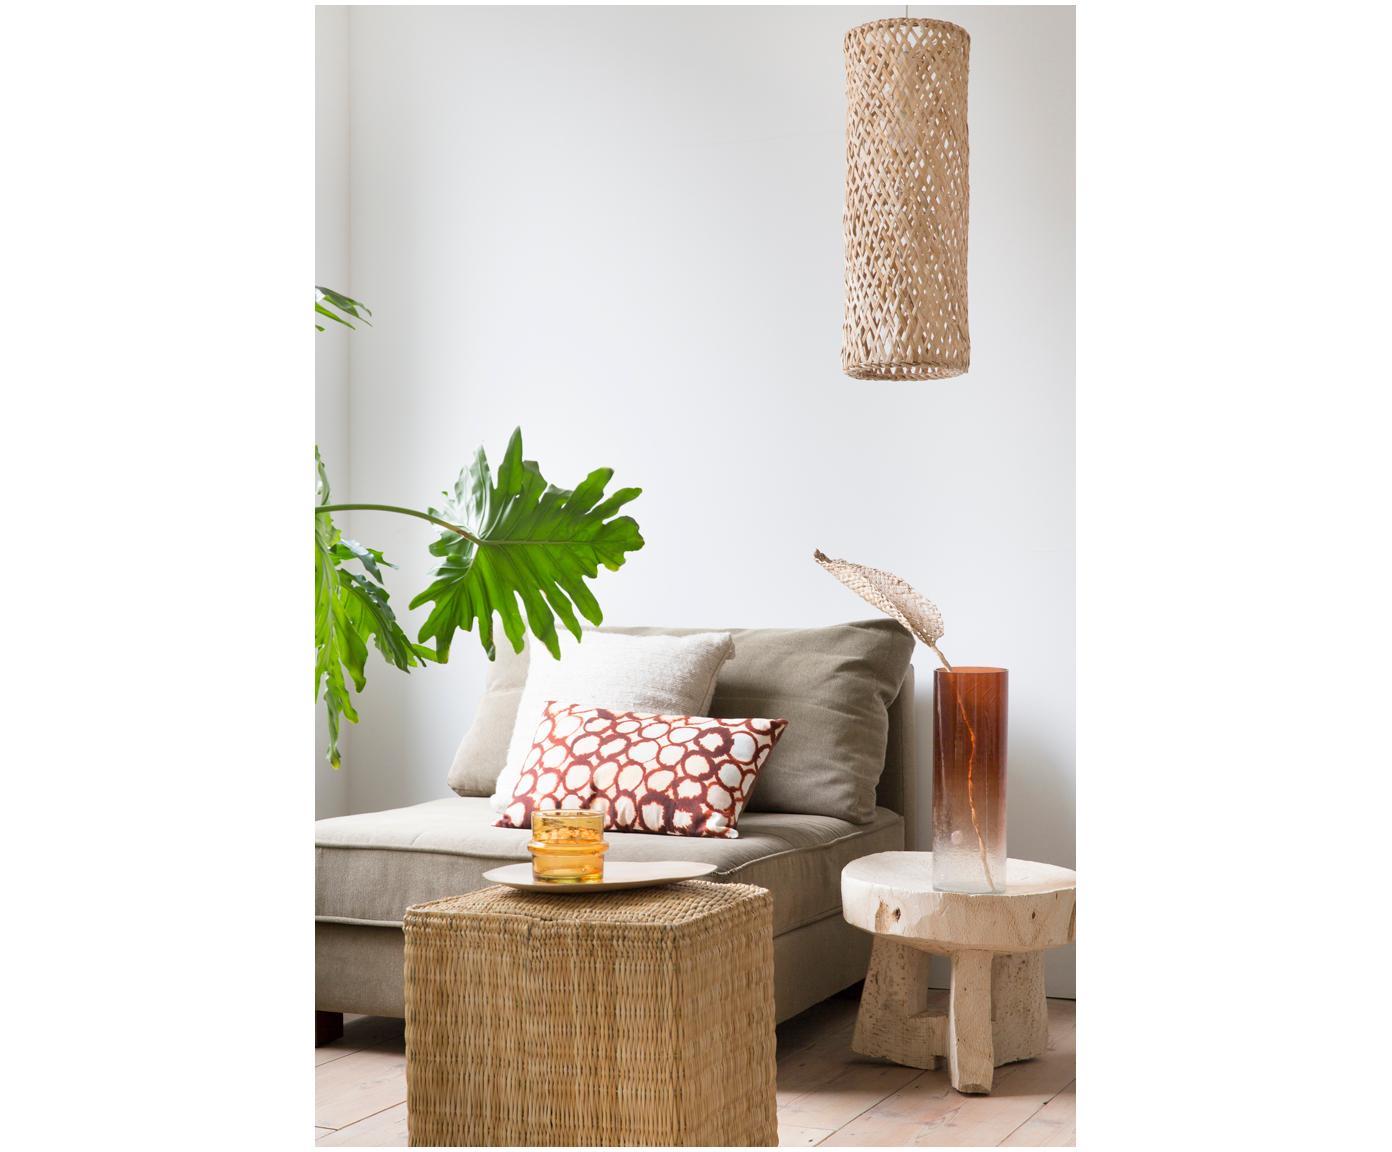 Dekoracja Planta de Praia, Liście bananowca, plecione, Beżowy, S 15 x W 80 cm